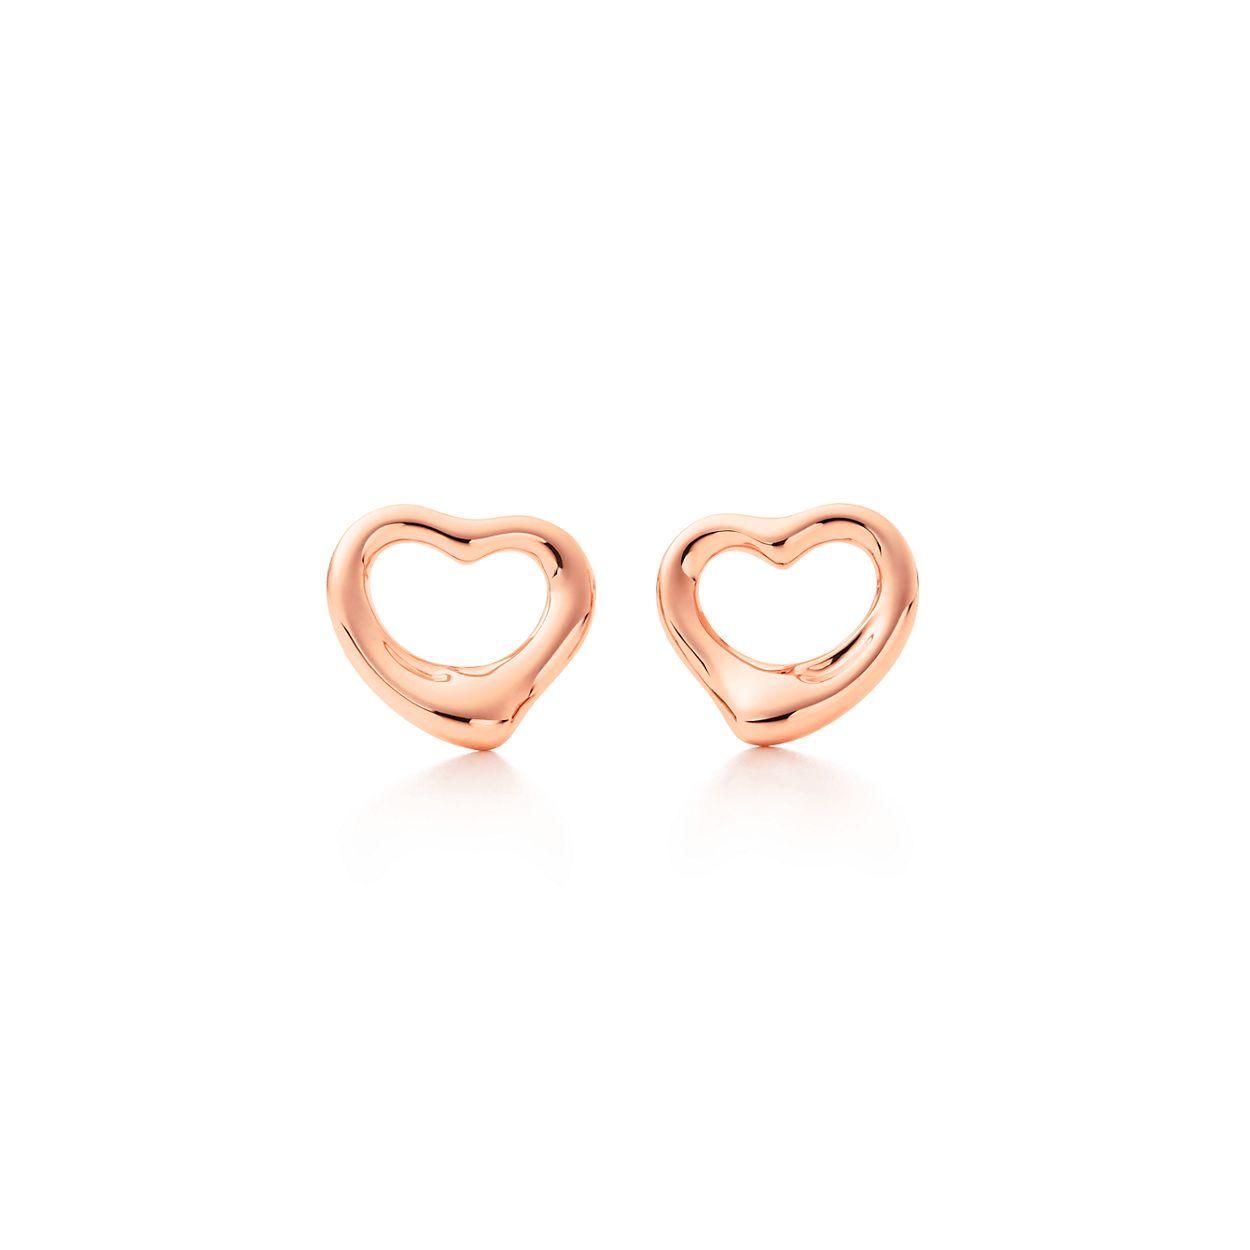 Elsa Peretti Open Heart Earrings